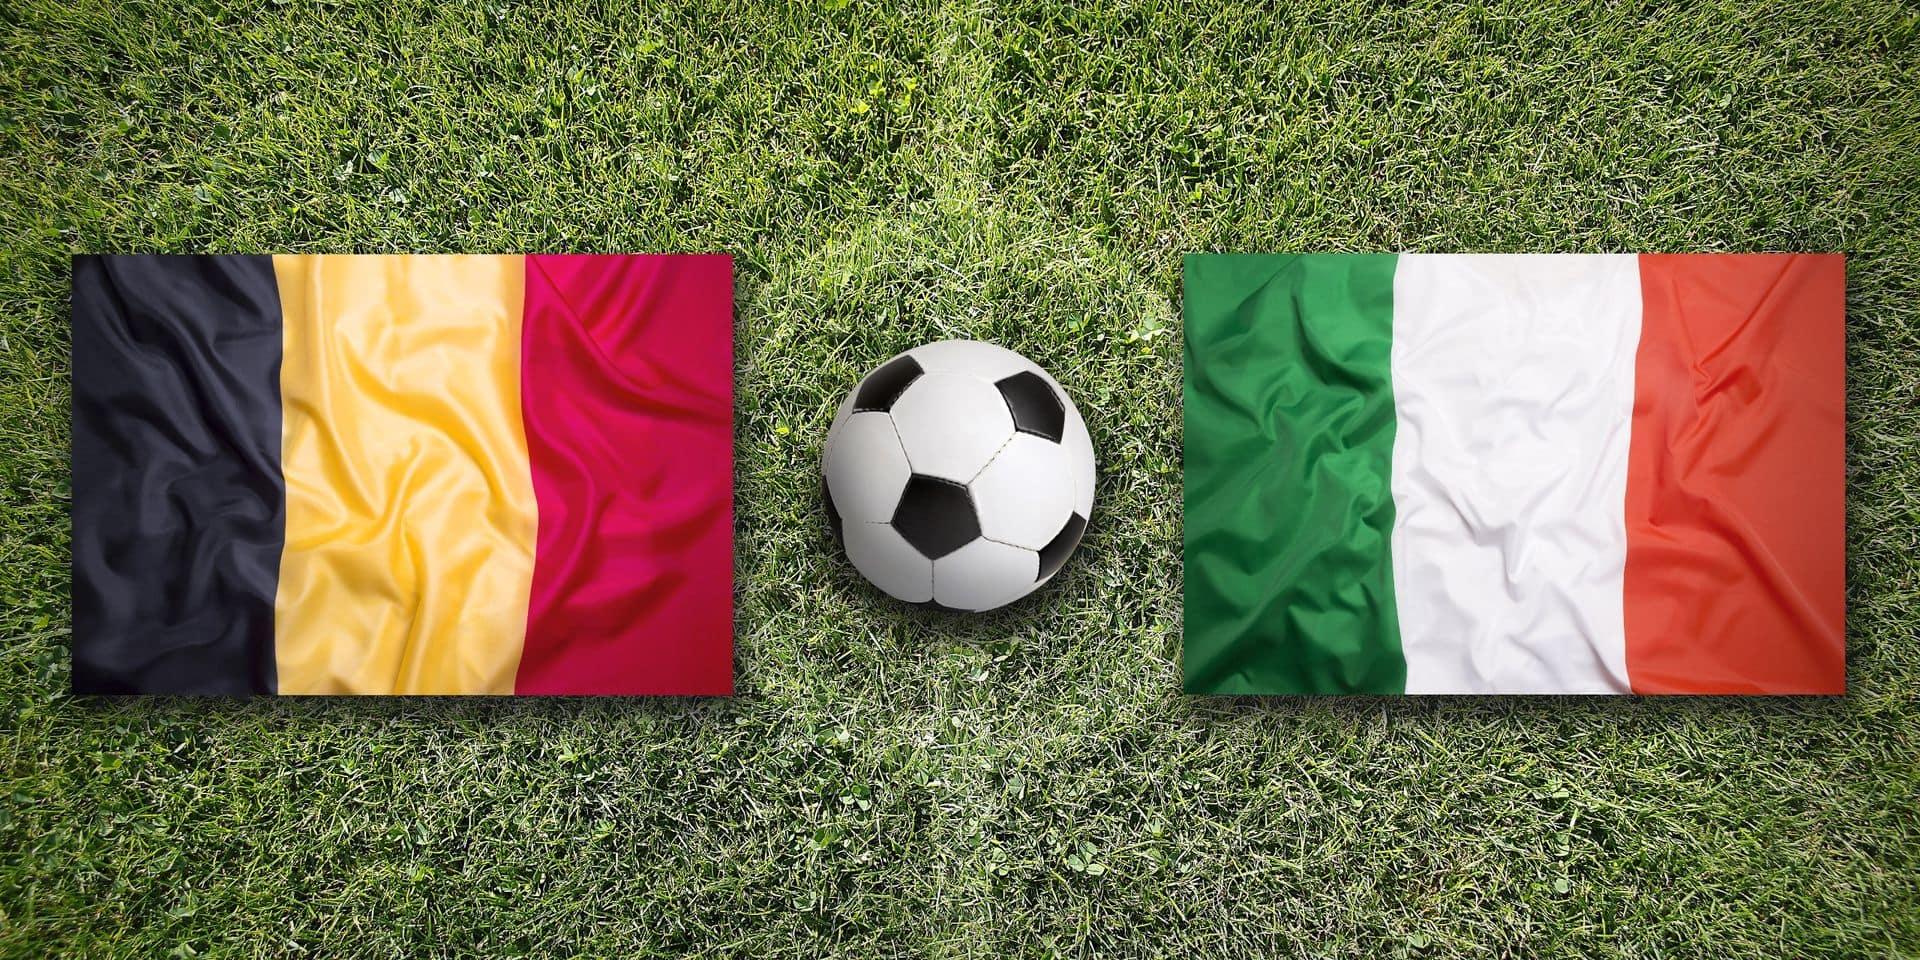 La Belgique et l'Italie, amies pour la vie